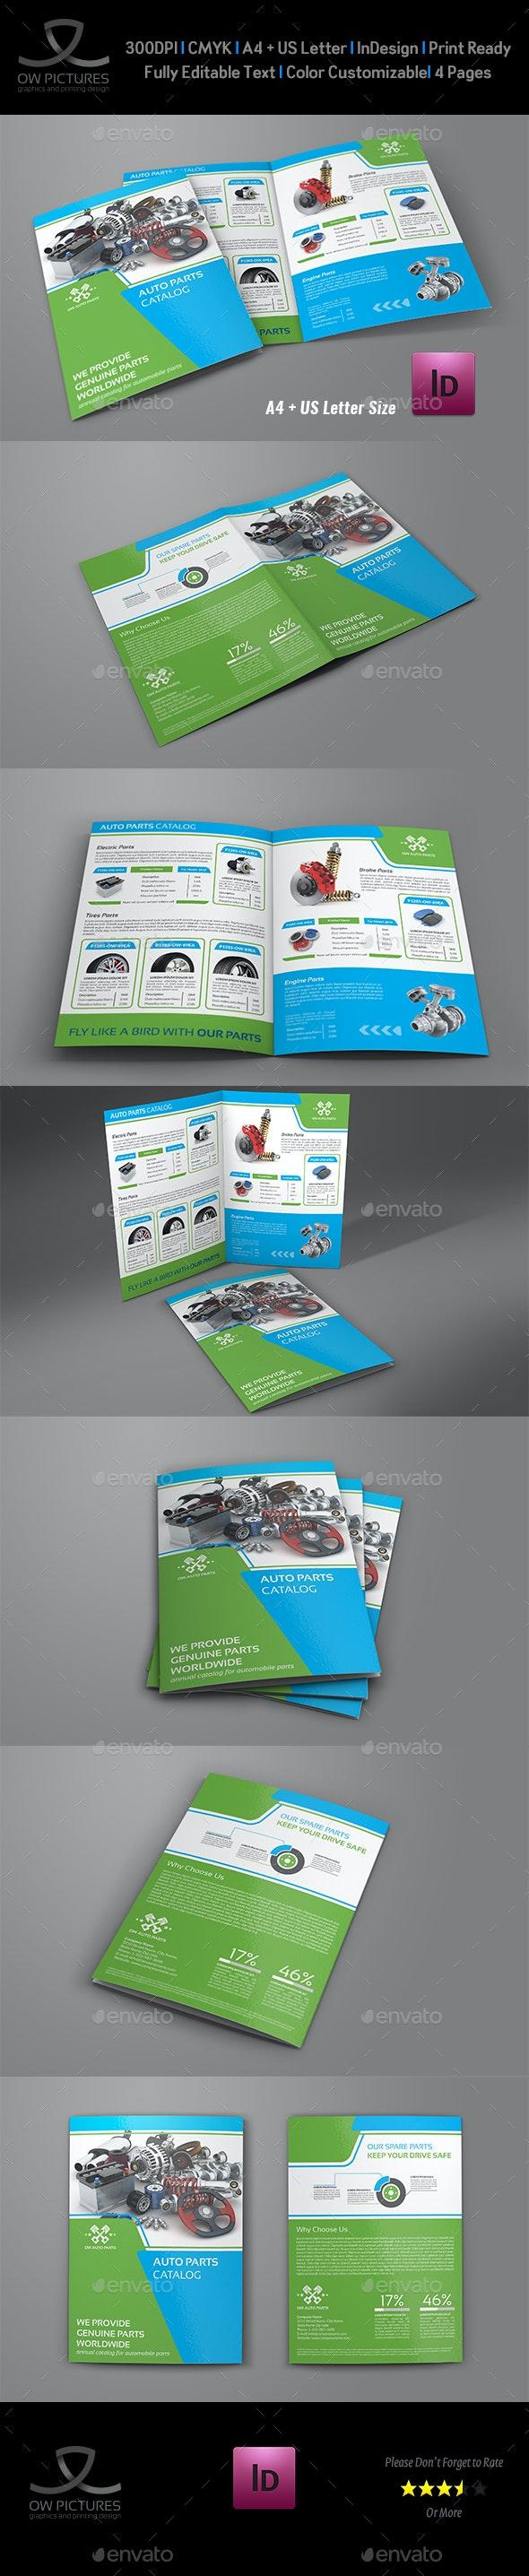 Auto Parts Catalog Bi-Fold Brochure Template Vol.3 - Catalogs Brochures